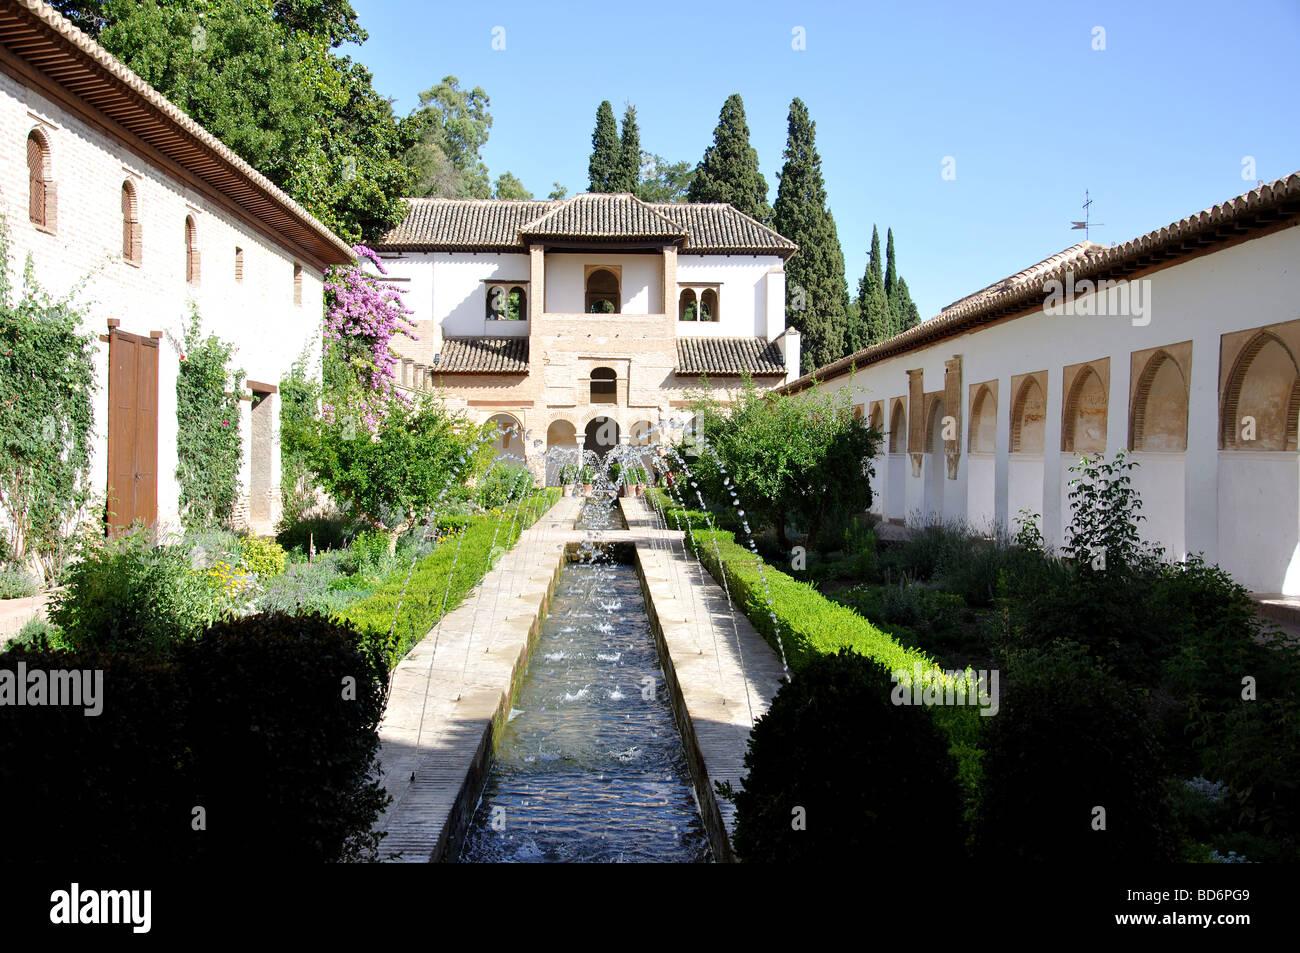 Patio de la acequia the palacio de generalife la - Patios de granada ...